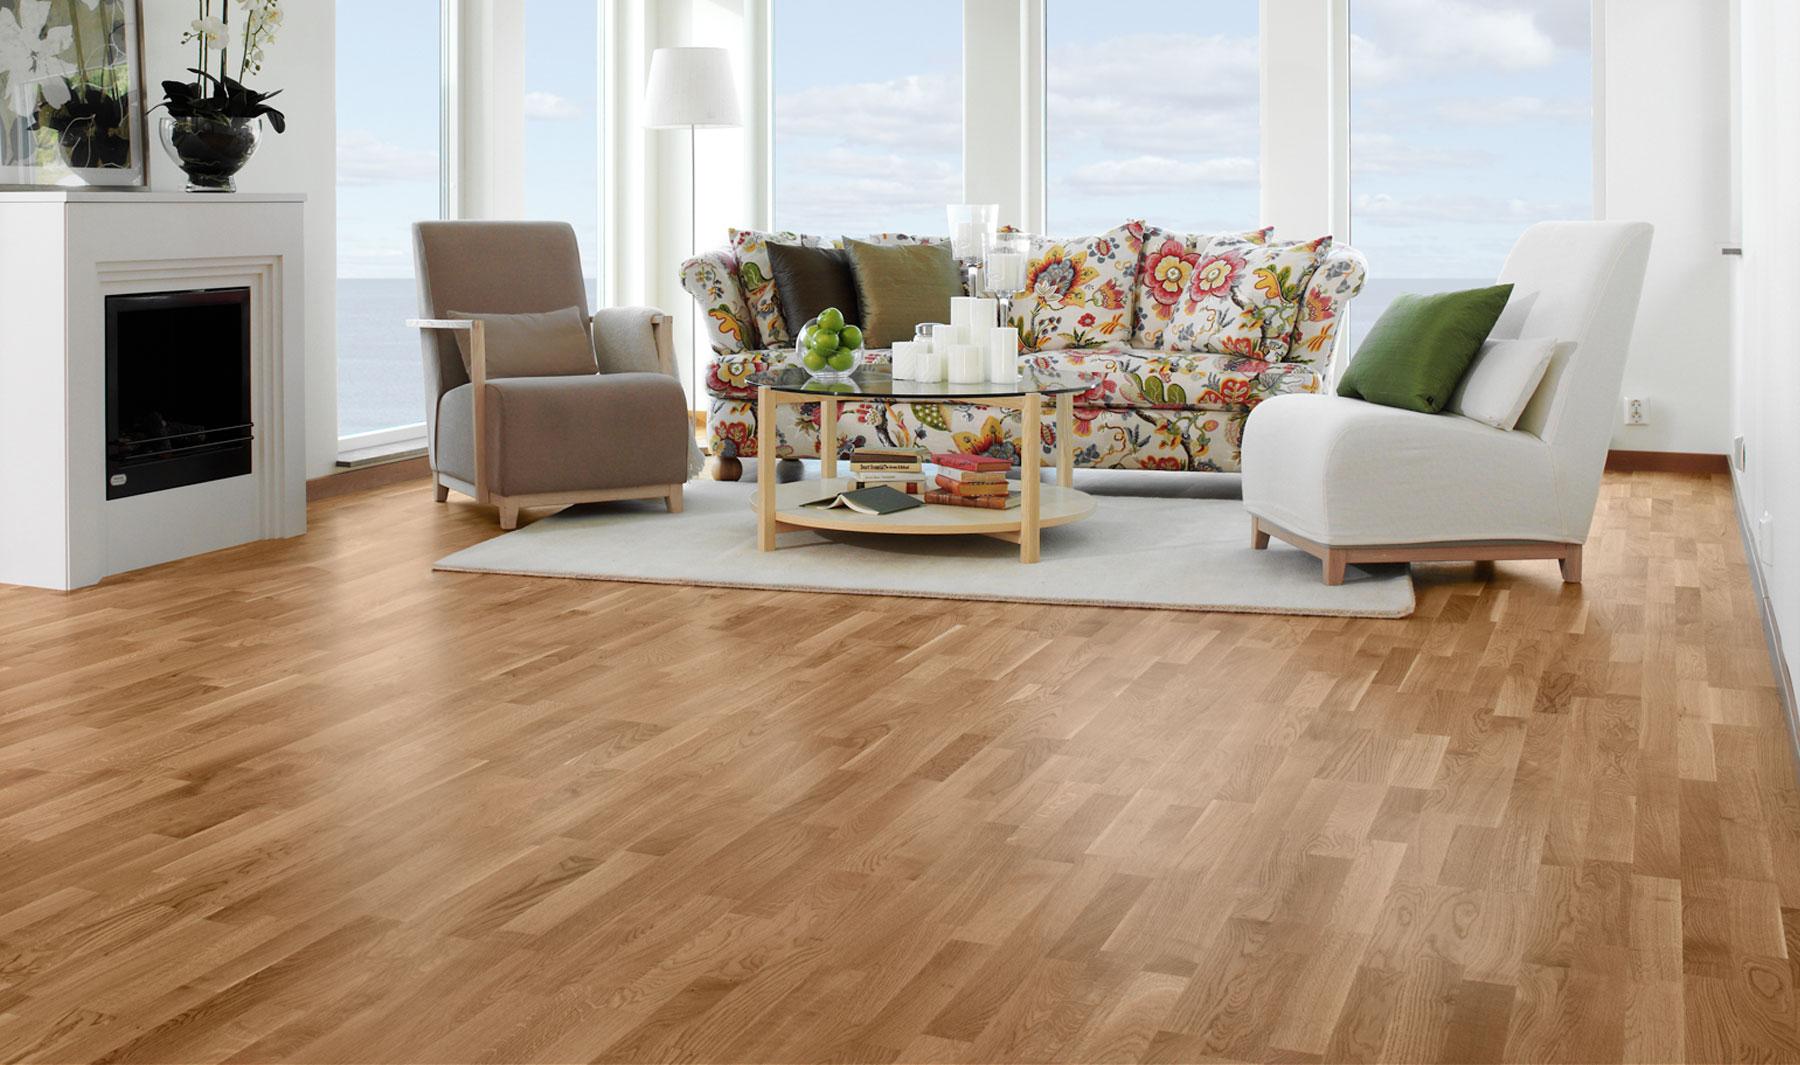 Ventajas de los suelos de madera atelier32 for Pisos para interiores tipo madera